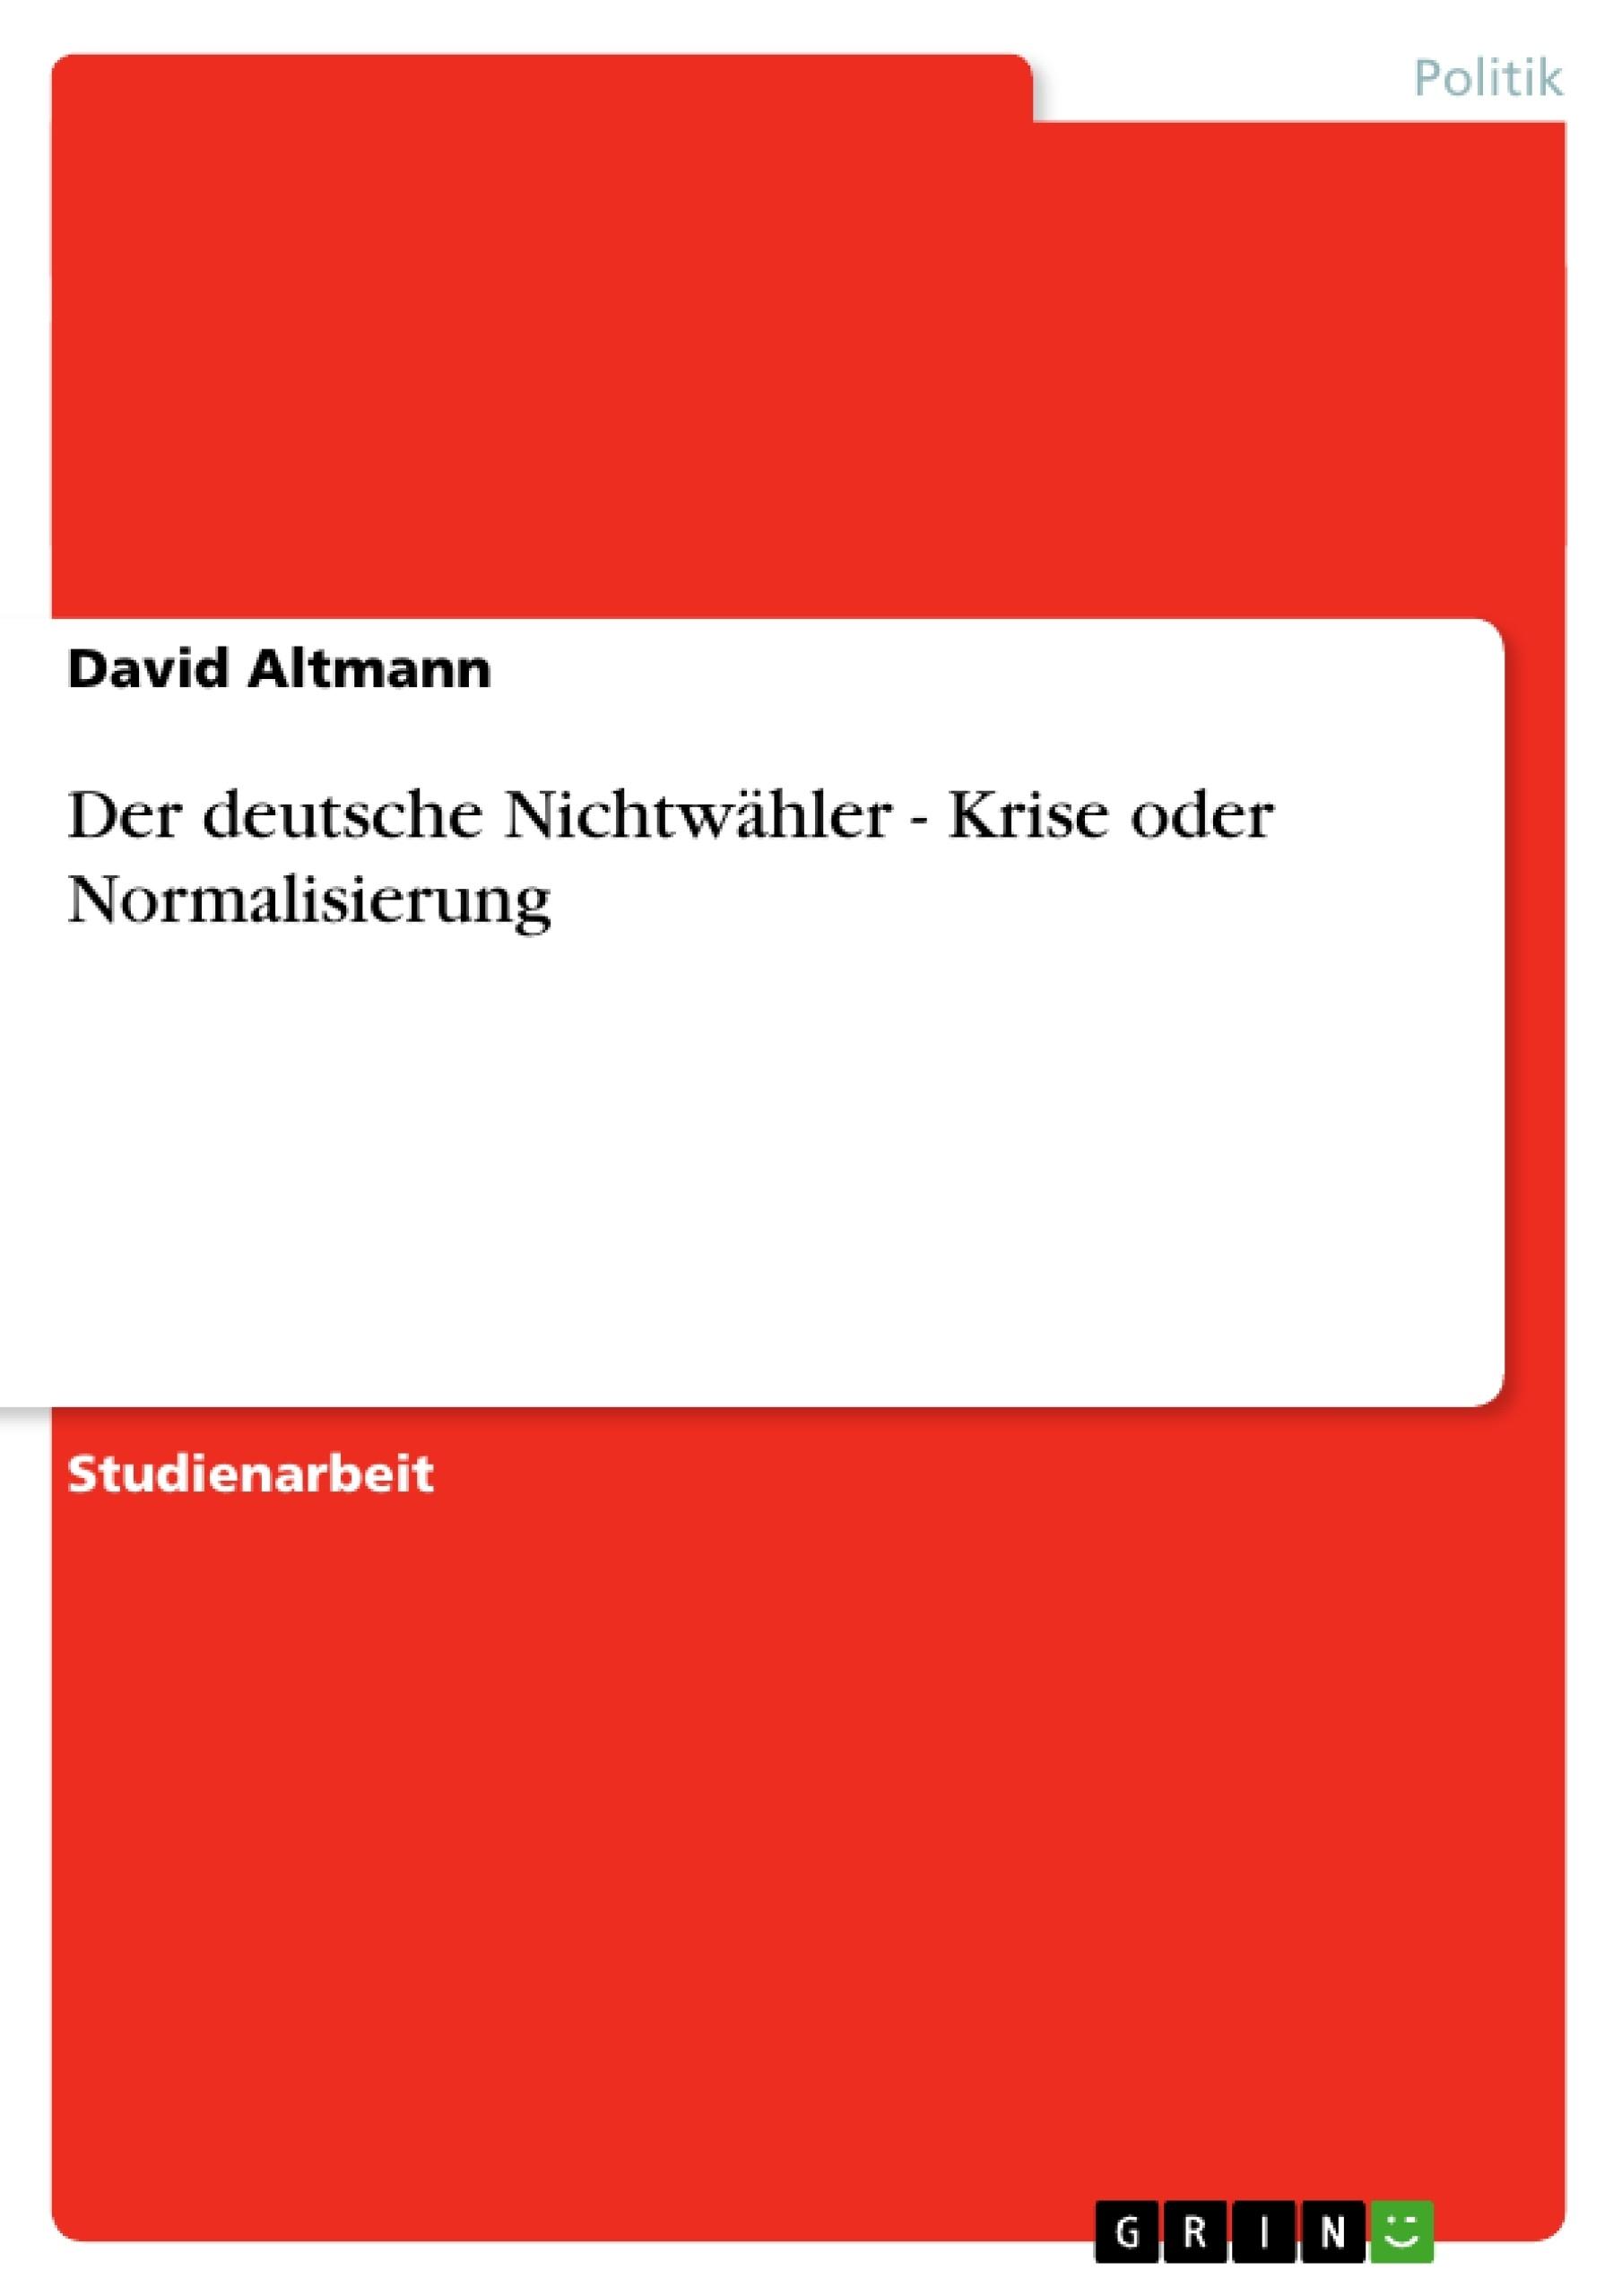 Titel: Der deutsche Nichtwähler - Krise oder Normalisierung